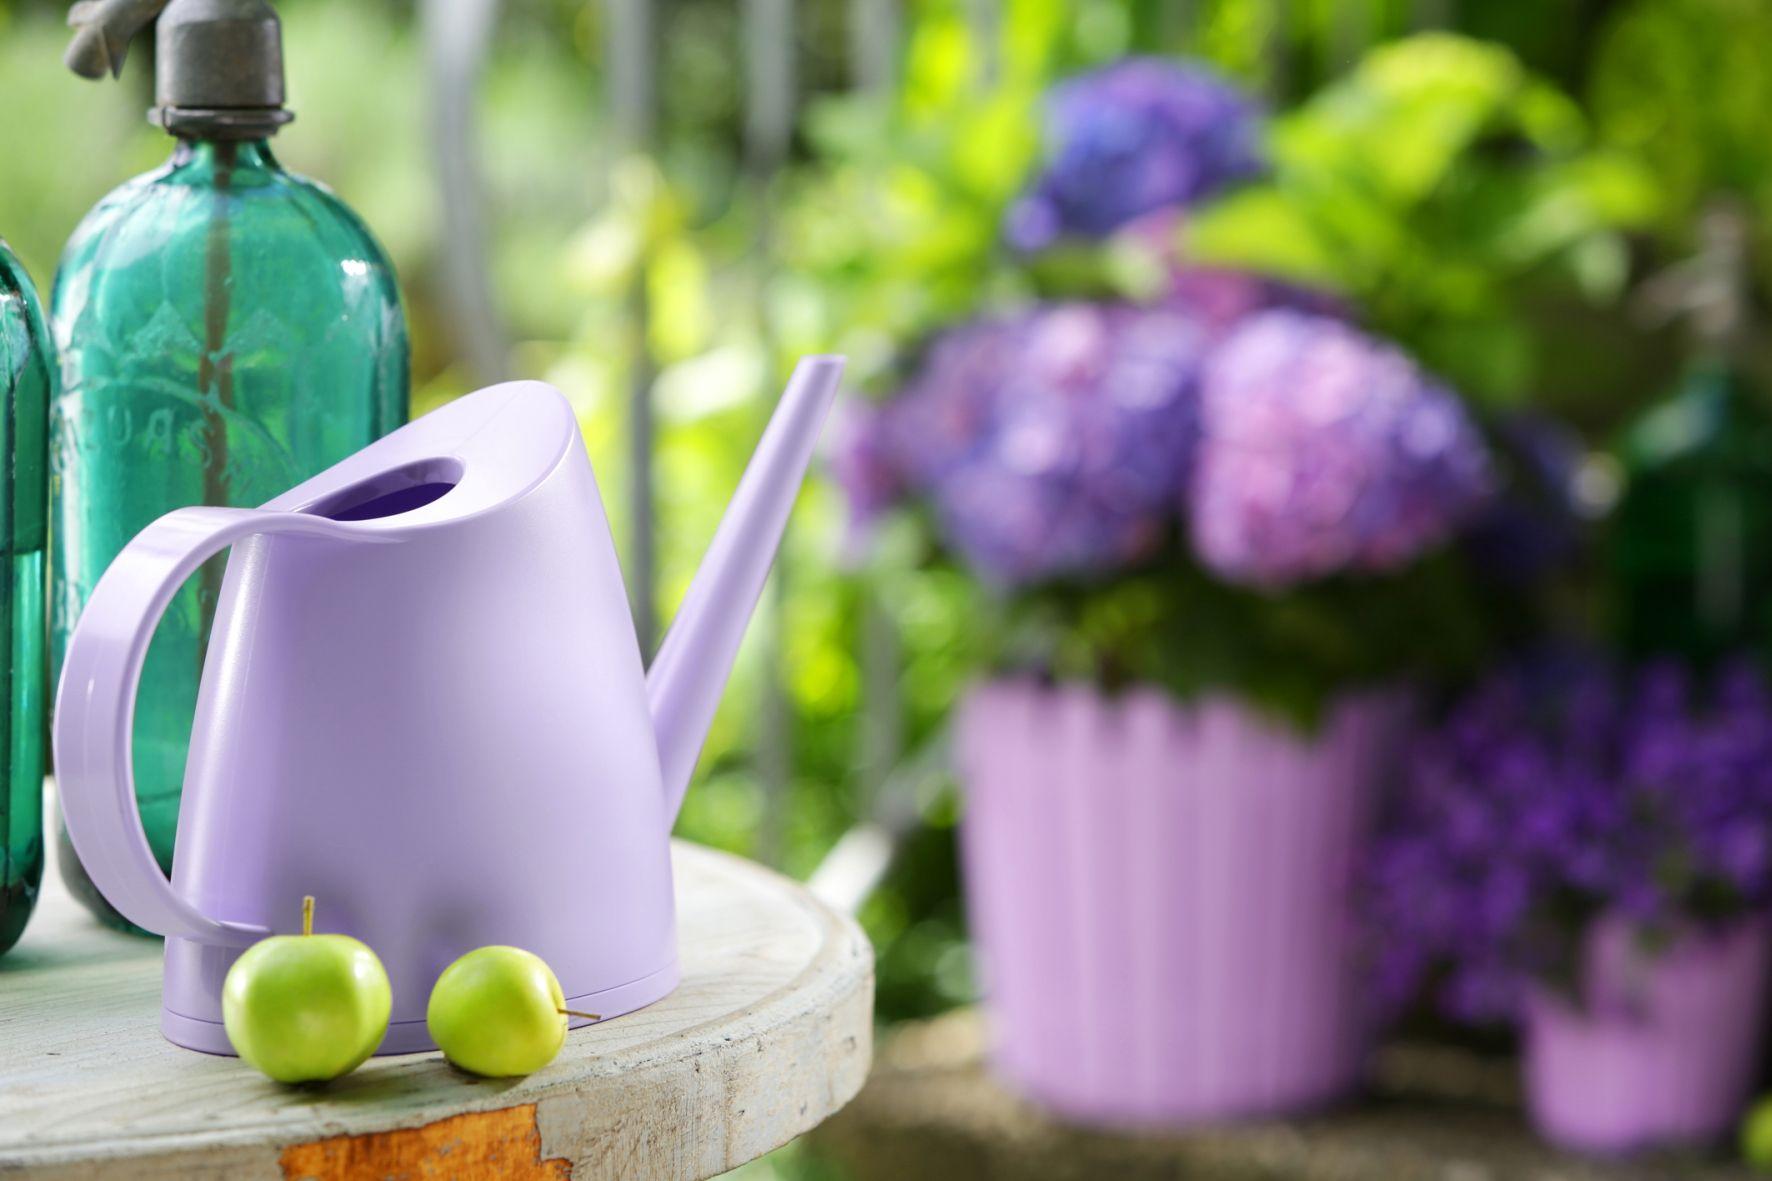 Emsa S'invite Au Jardin Avec Les Pots Et Jardinières ... dedans Brumisateur Jardin